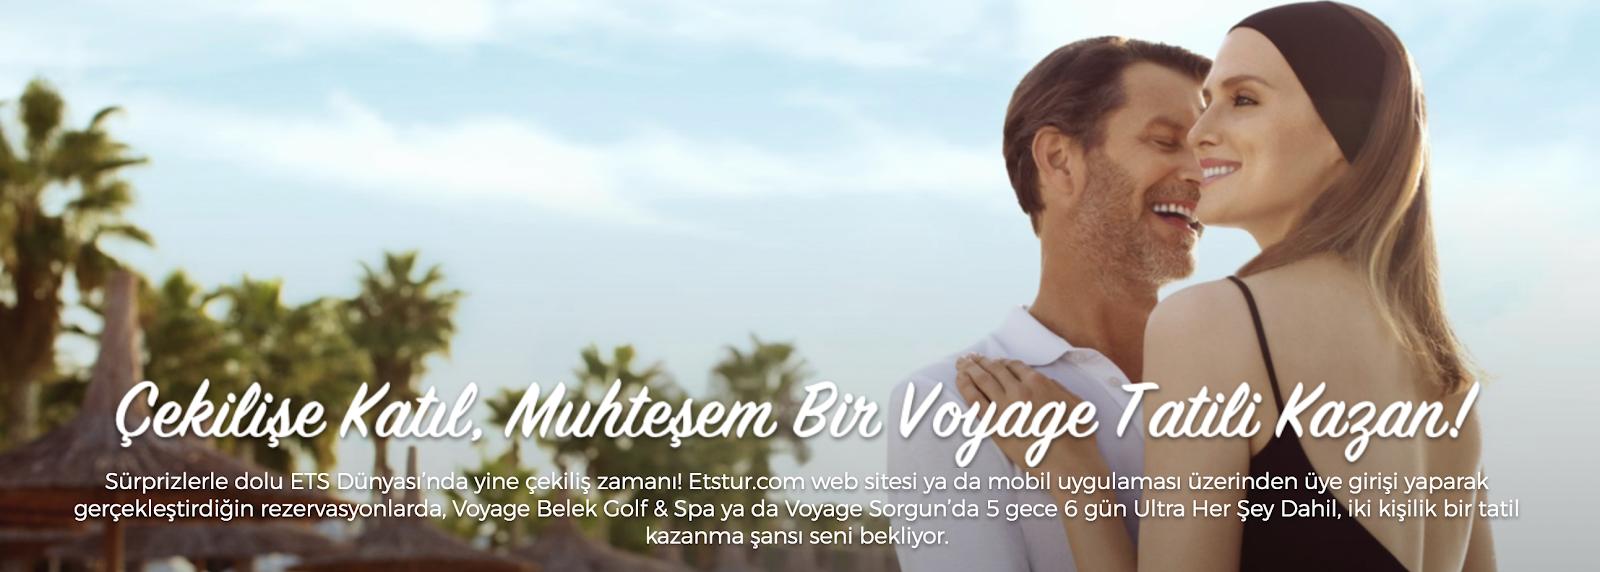 Tatil kazanma şansı! Çift kişilik muhteşem bir Voyage tatili kazanmak ister misin?